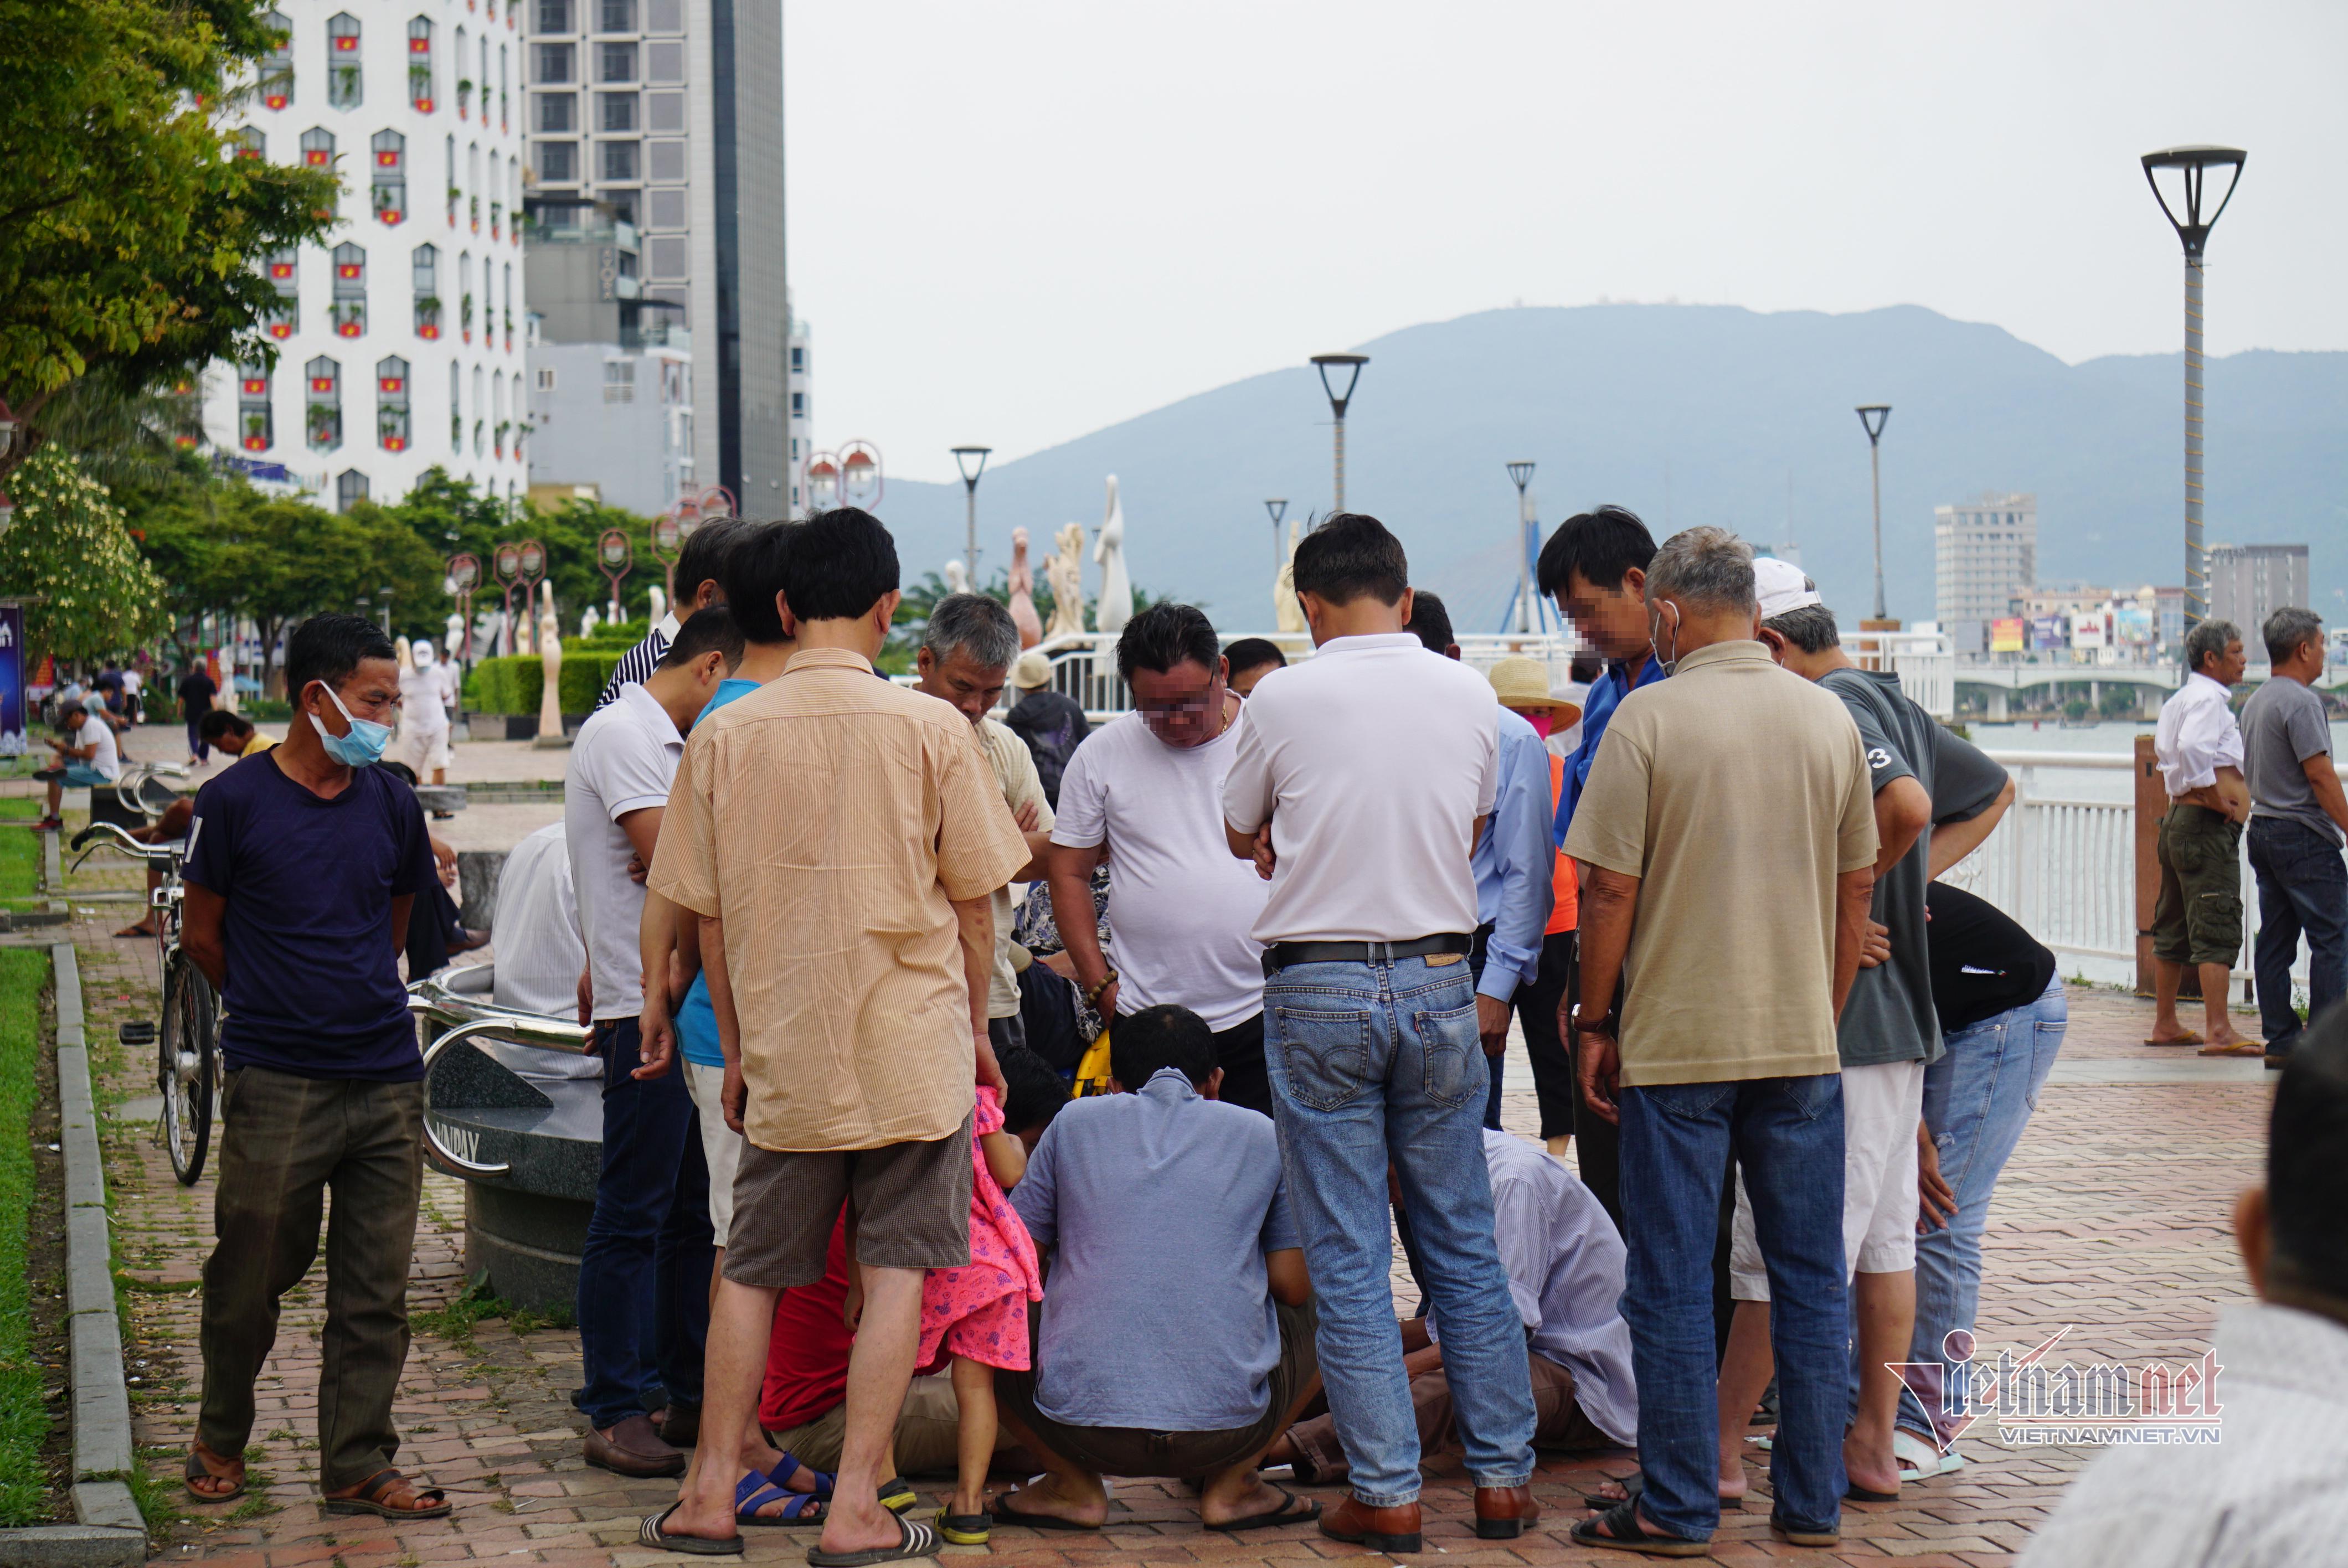 Nhiều người dân Đà Nẵng không đeo khẩu trang nơi công cộng